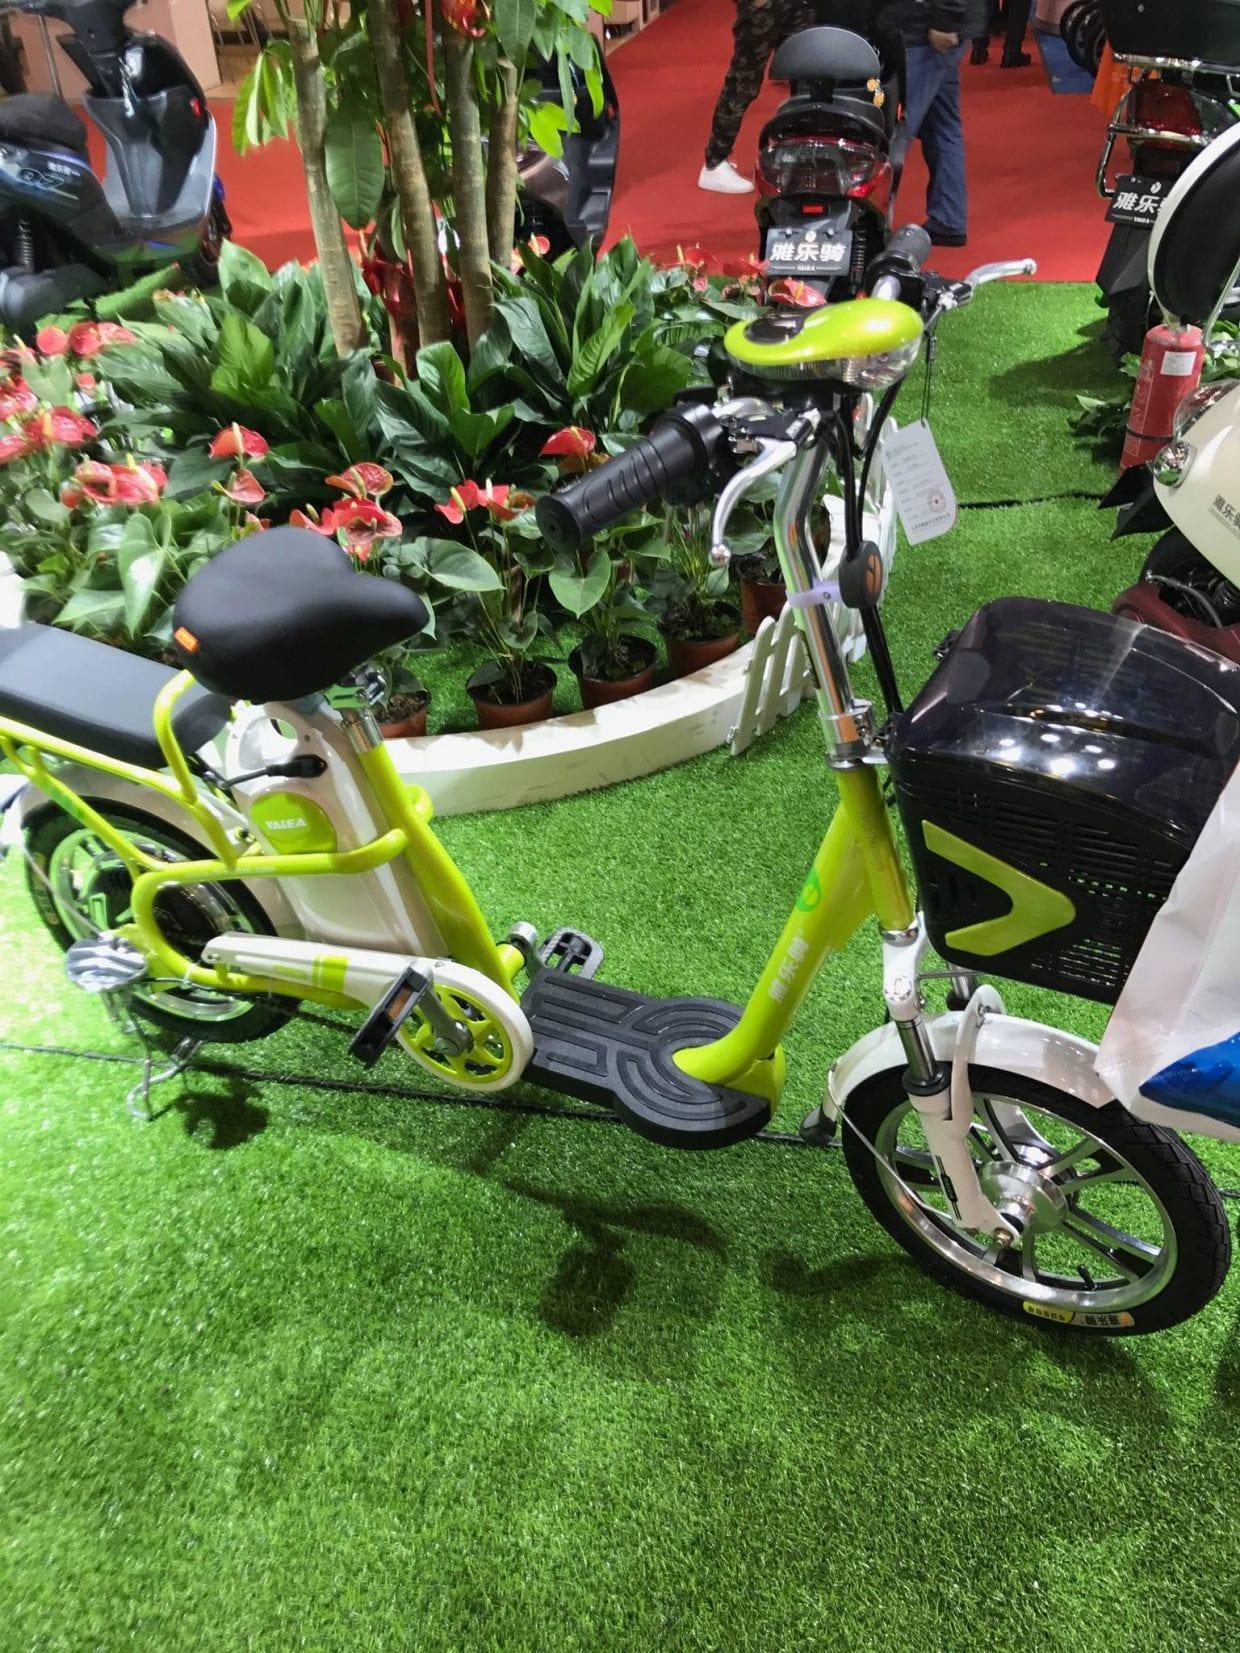 日本ではモペットと言われる部類(?)の電動自転車